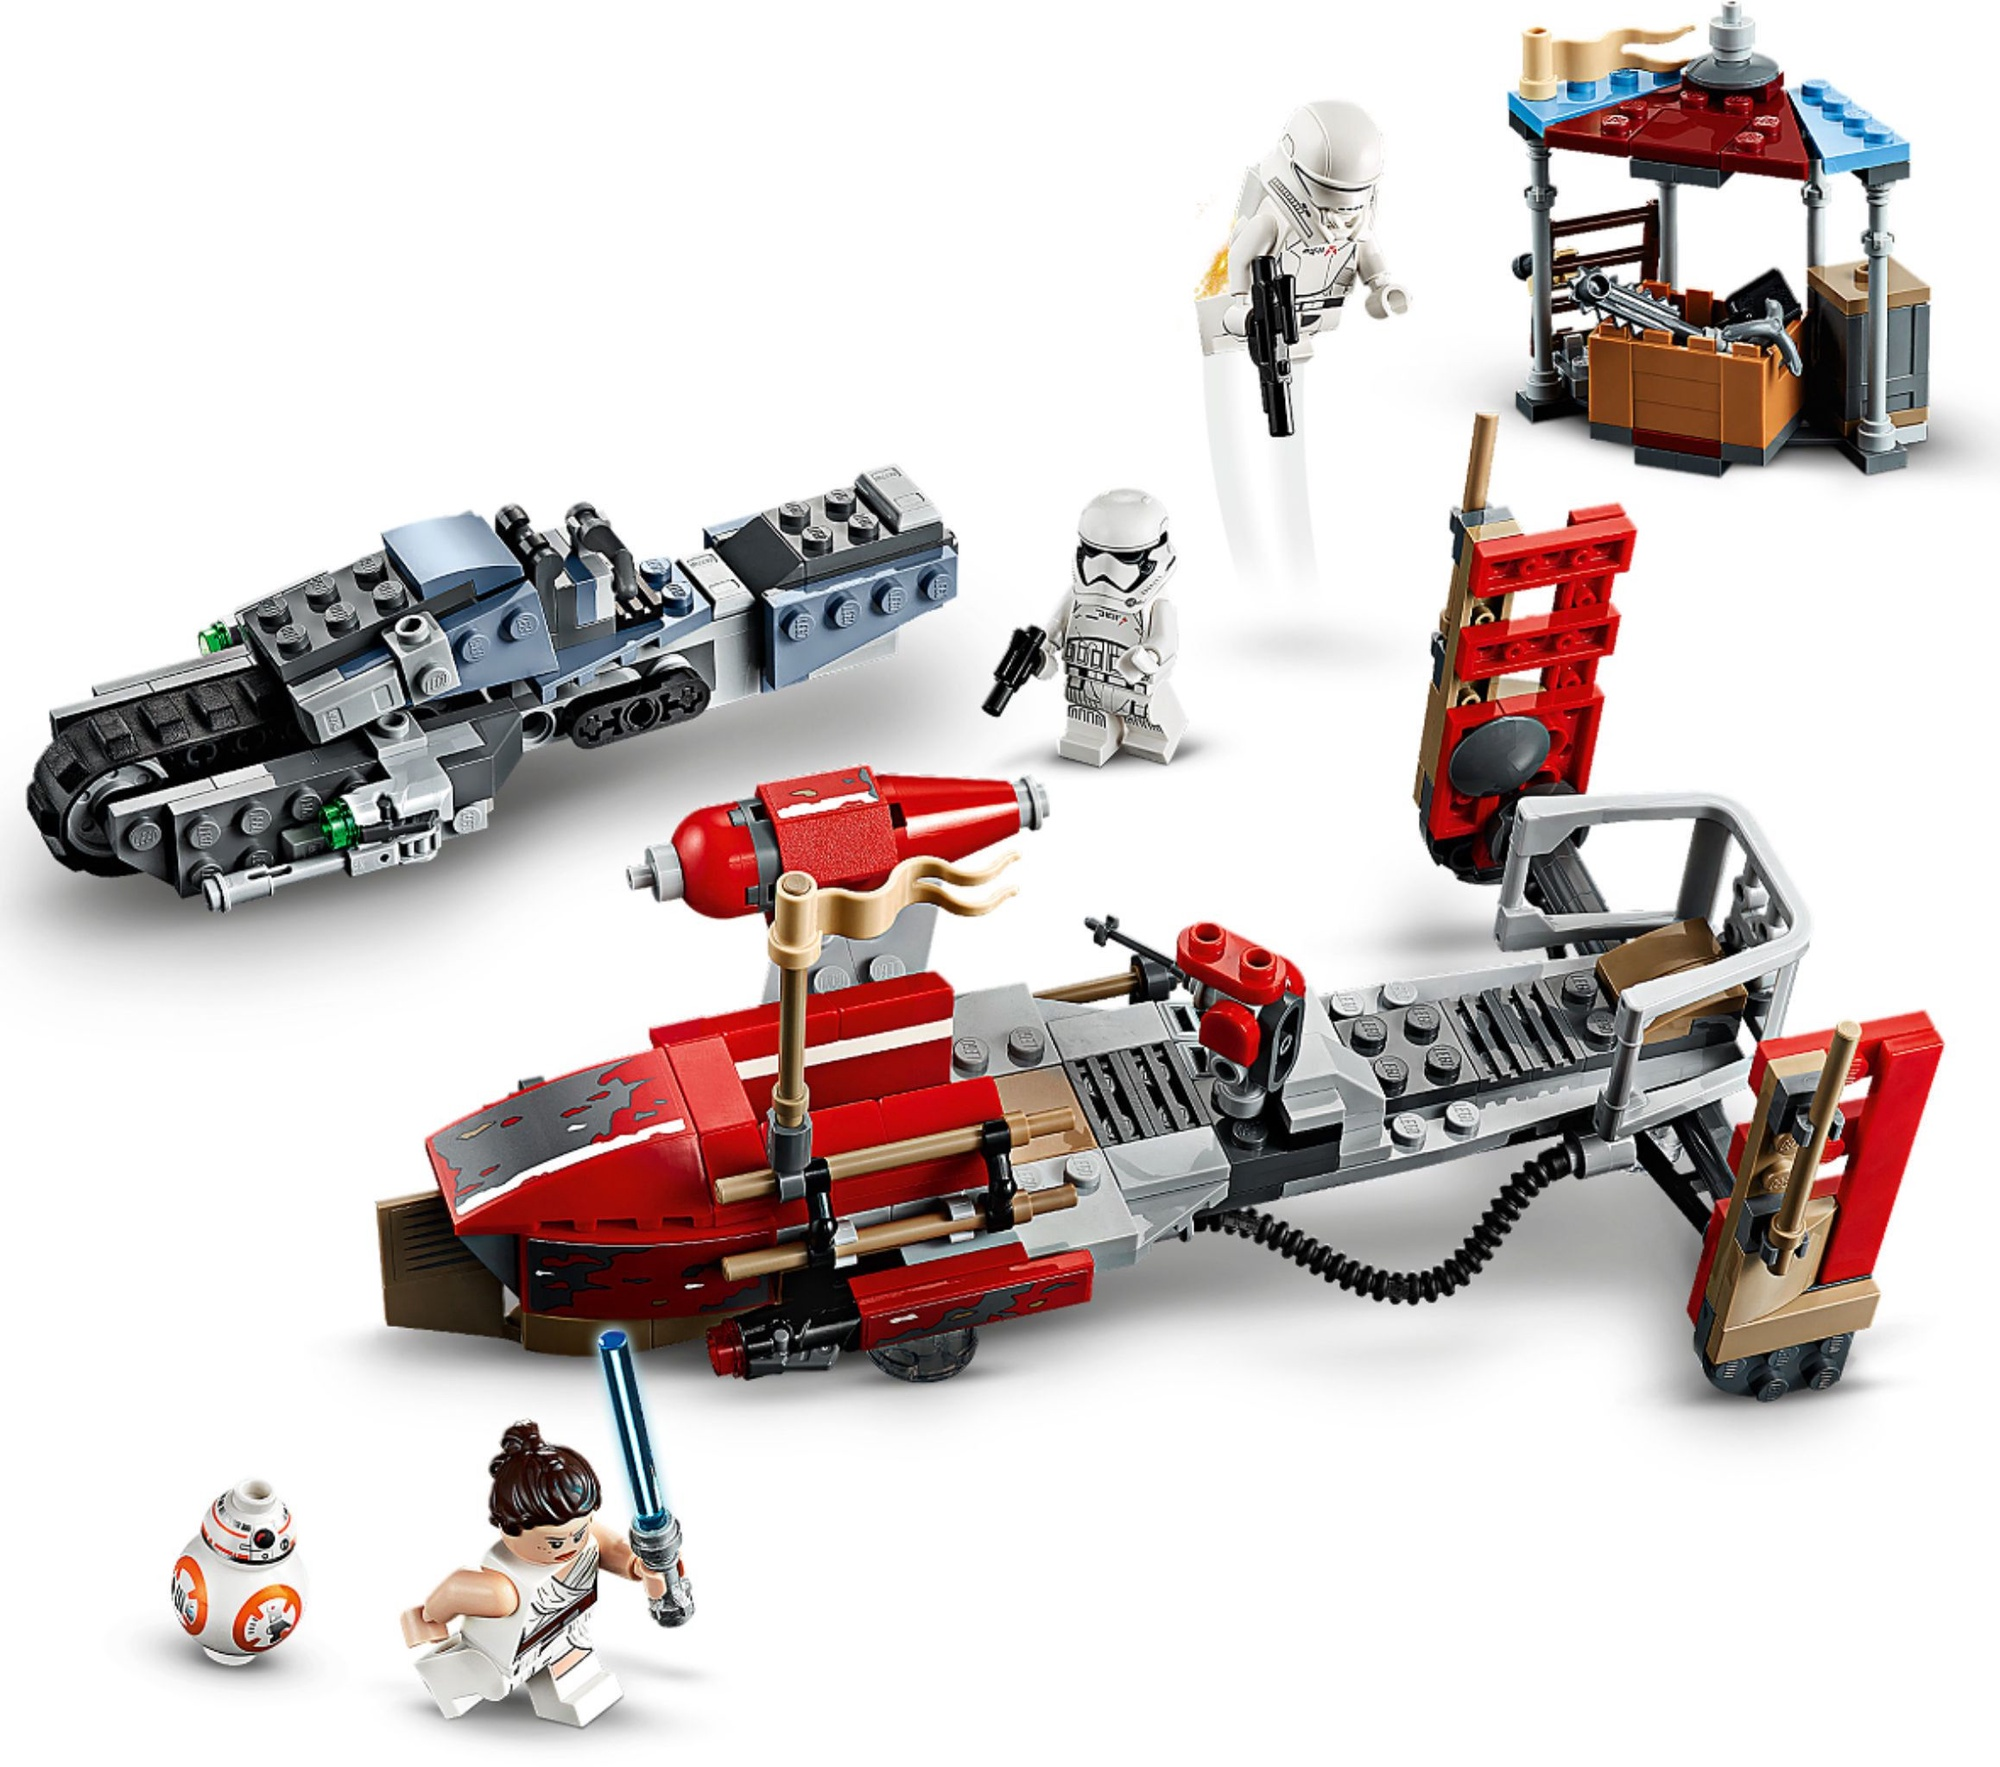 Конструктор Lego Star Wars Pasaana Speeder Chase 75250 - Krauta.ee